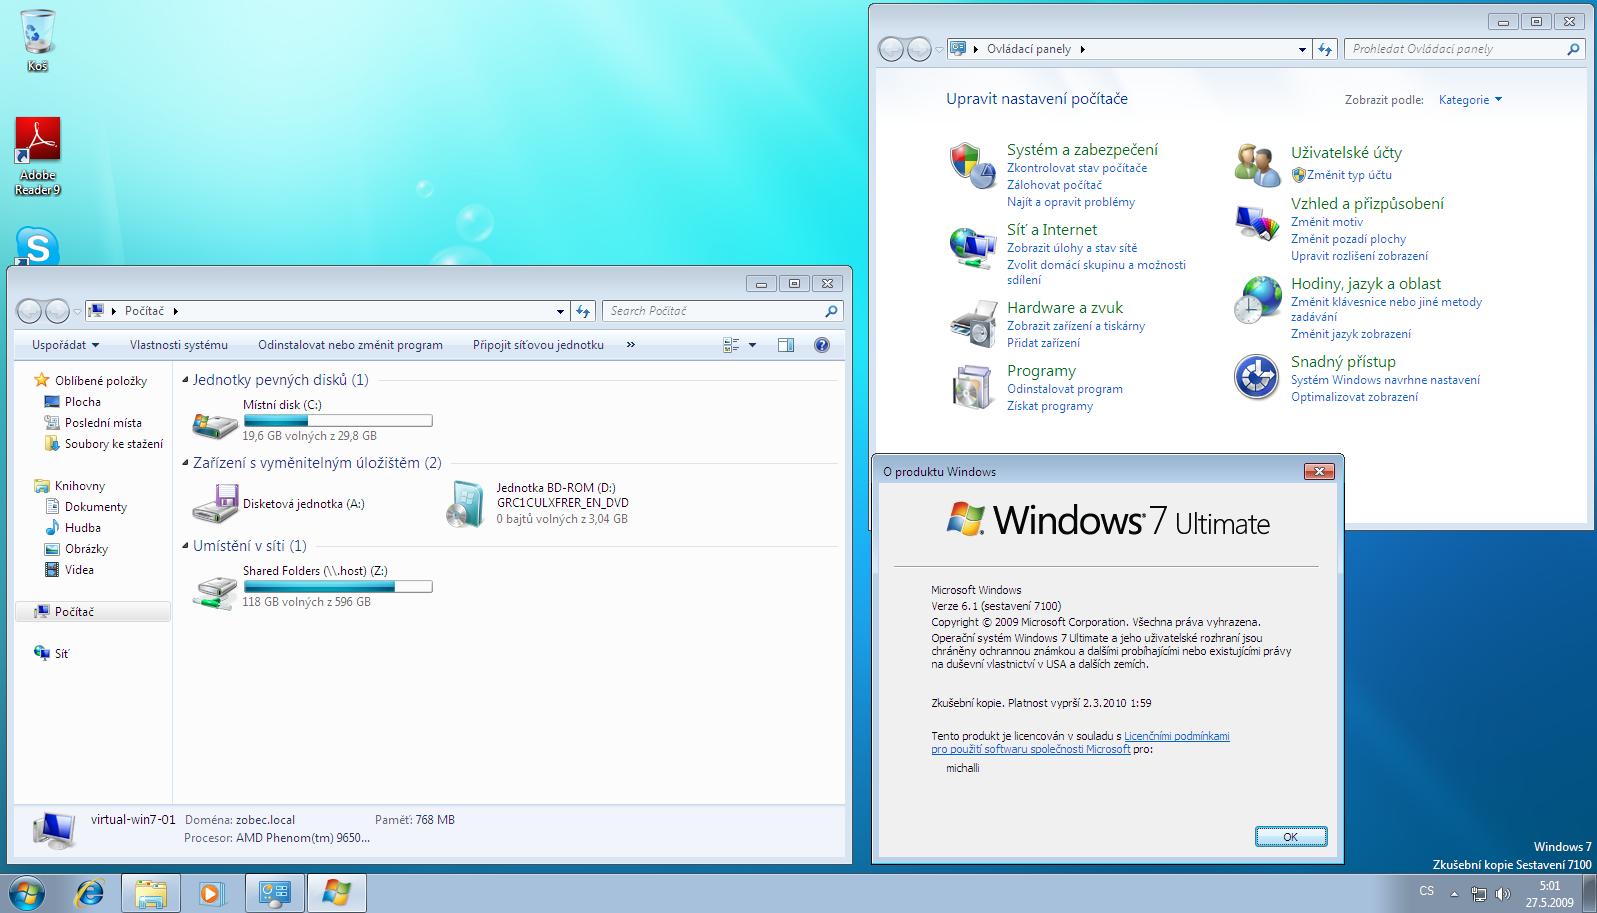 90527-windows-7-cesky-05.png